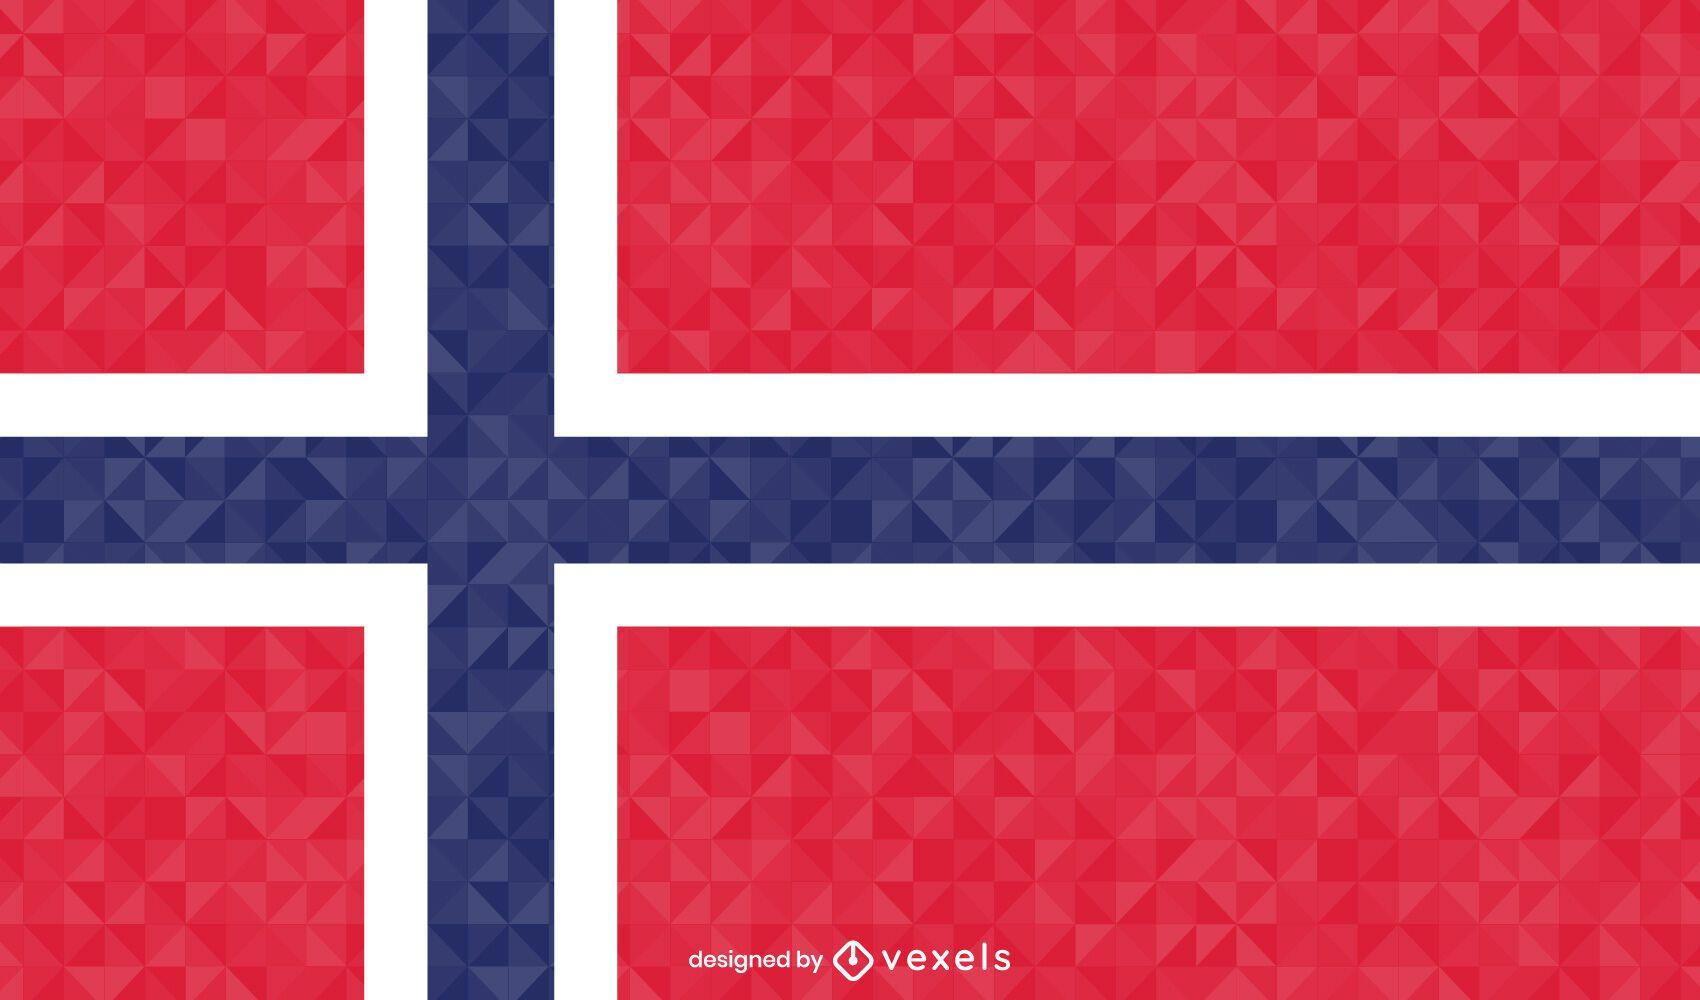 Desenho poligonal da bandeira da Noruega